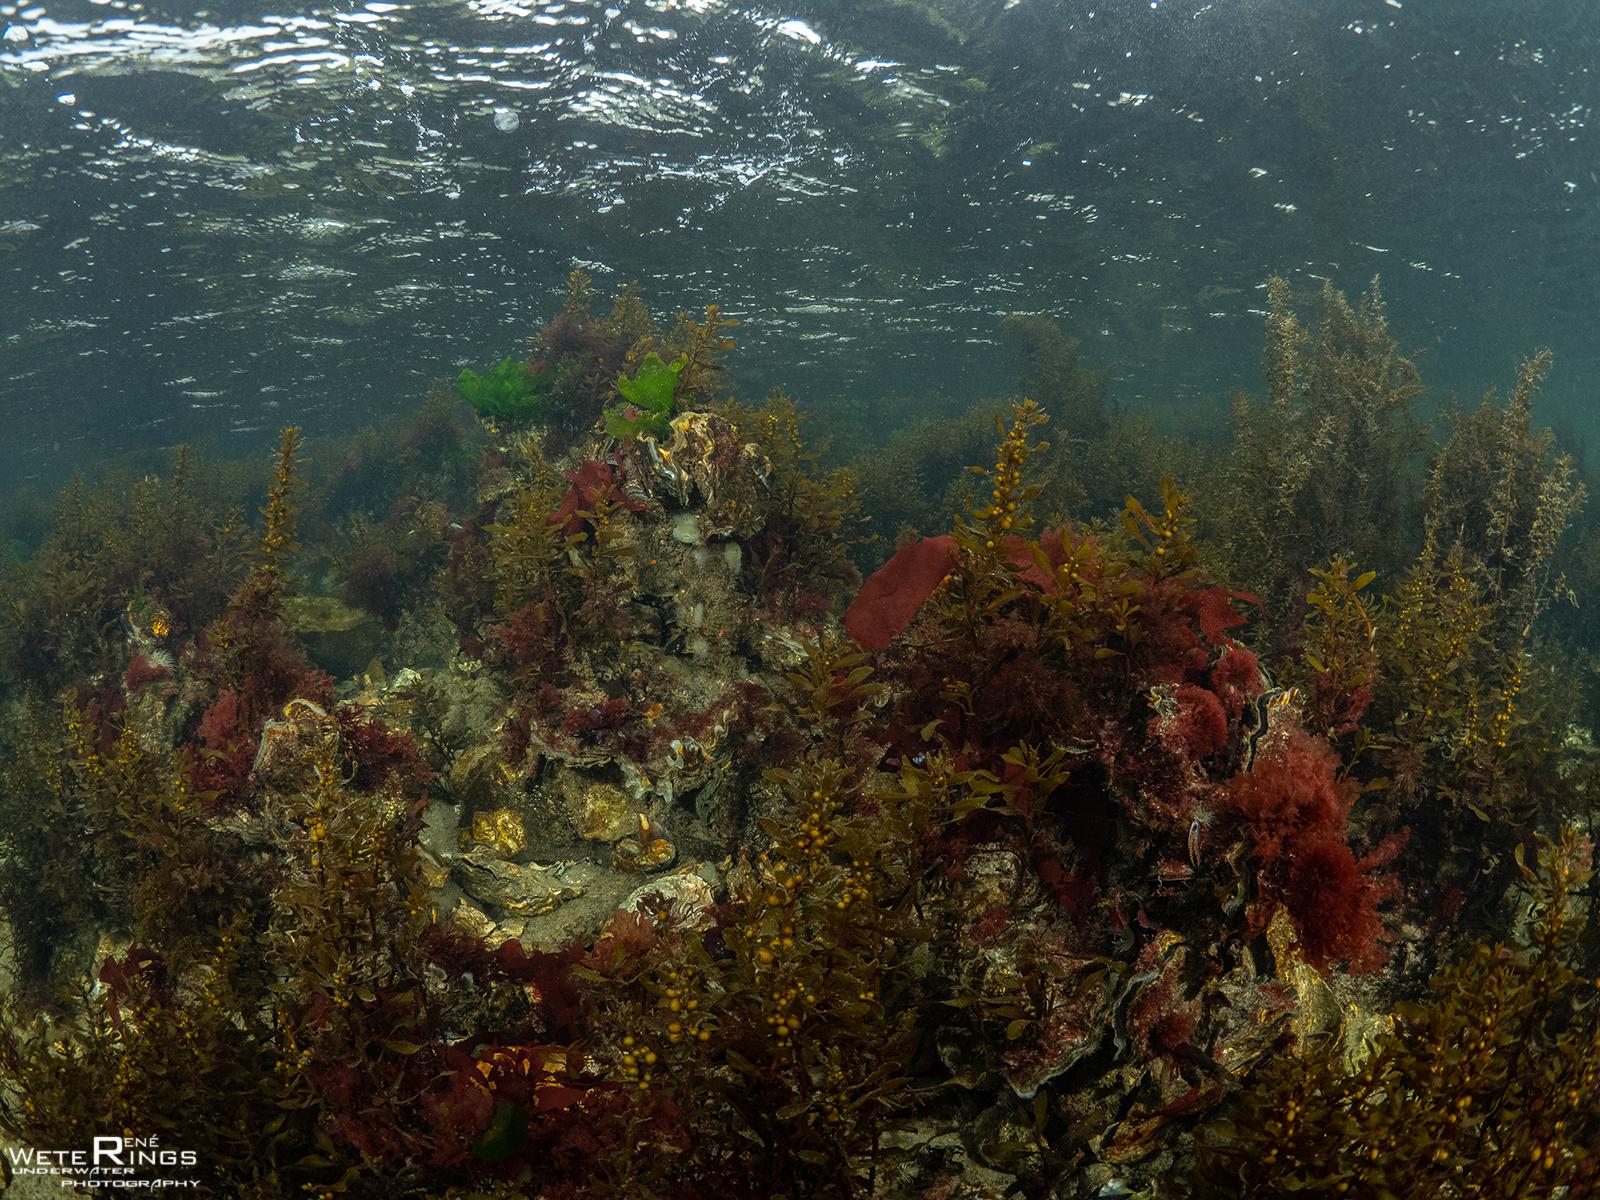 RENE_WETERINGS_20201021_998_Dreischor_Reefballs_0047_Landschap_wieren-103658